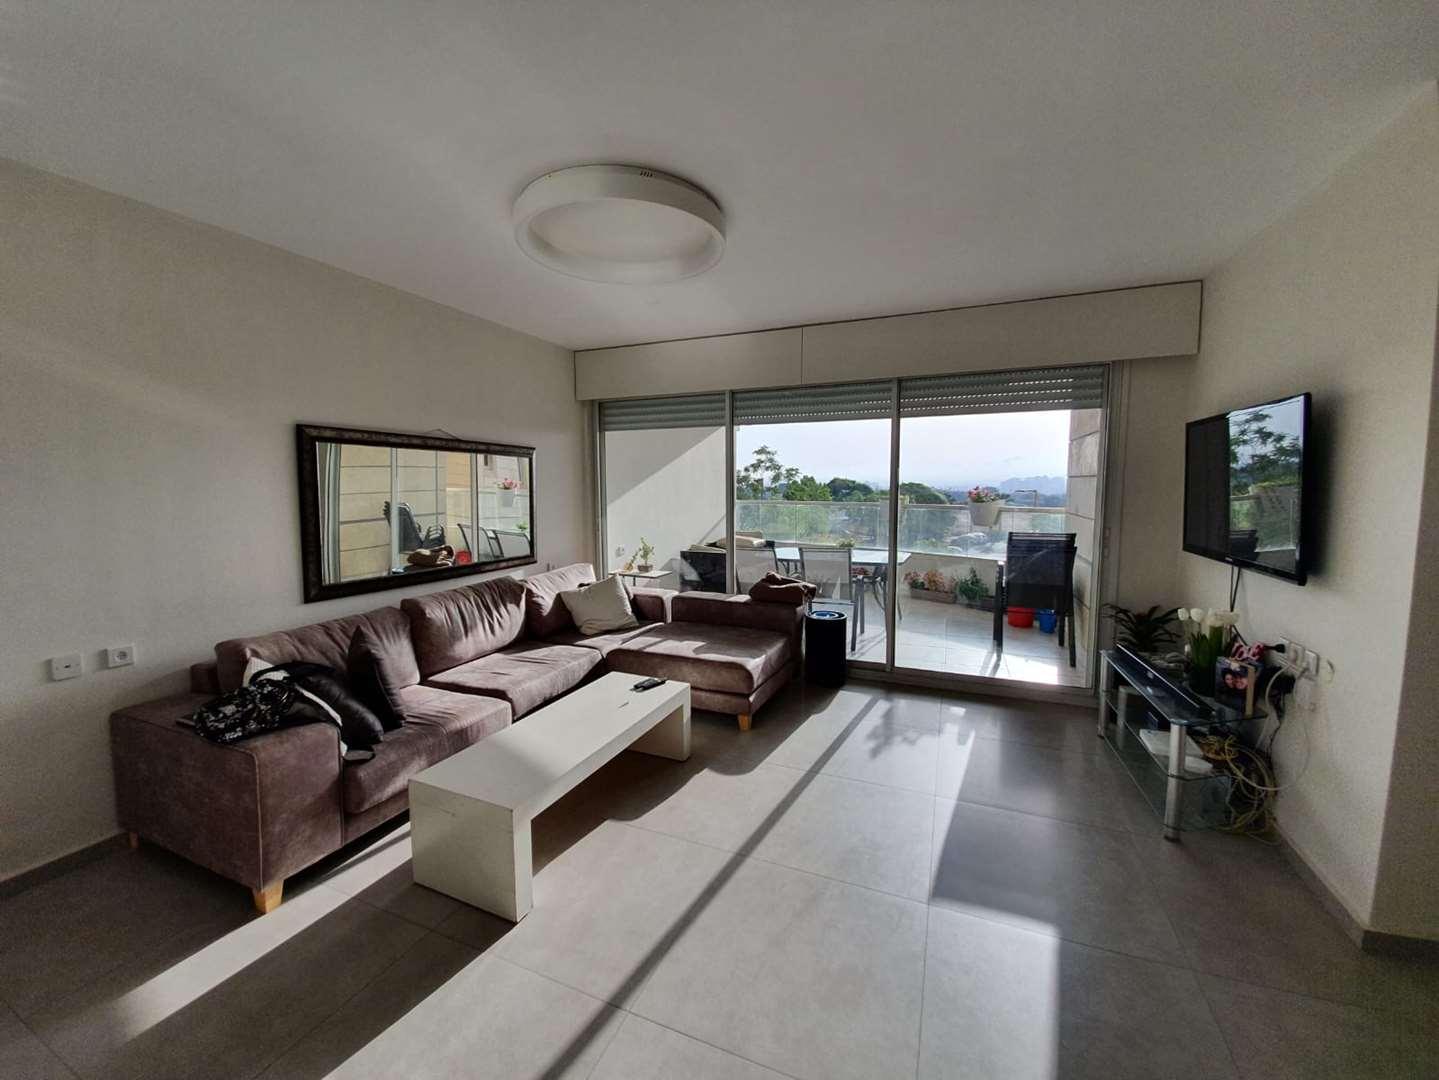 דירה למכירה 4 חדרים בגני תקווה הכרמל גבעת סביון החדשה